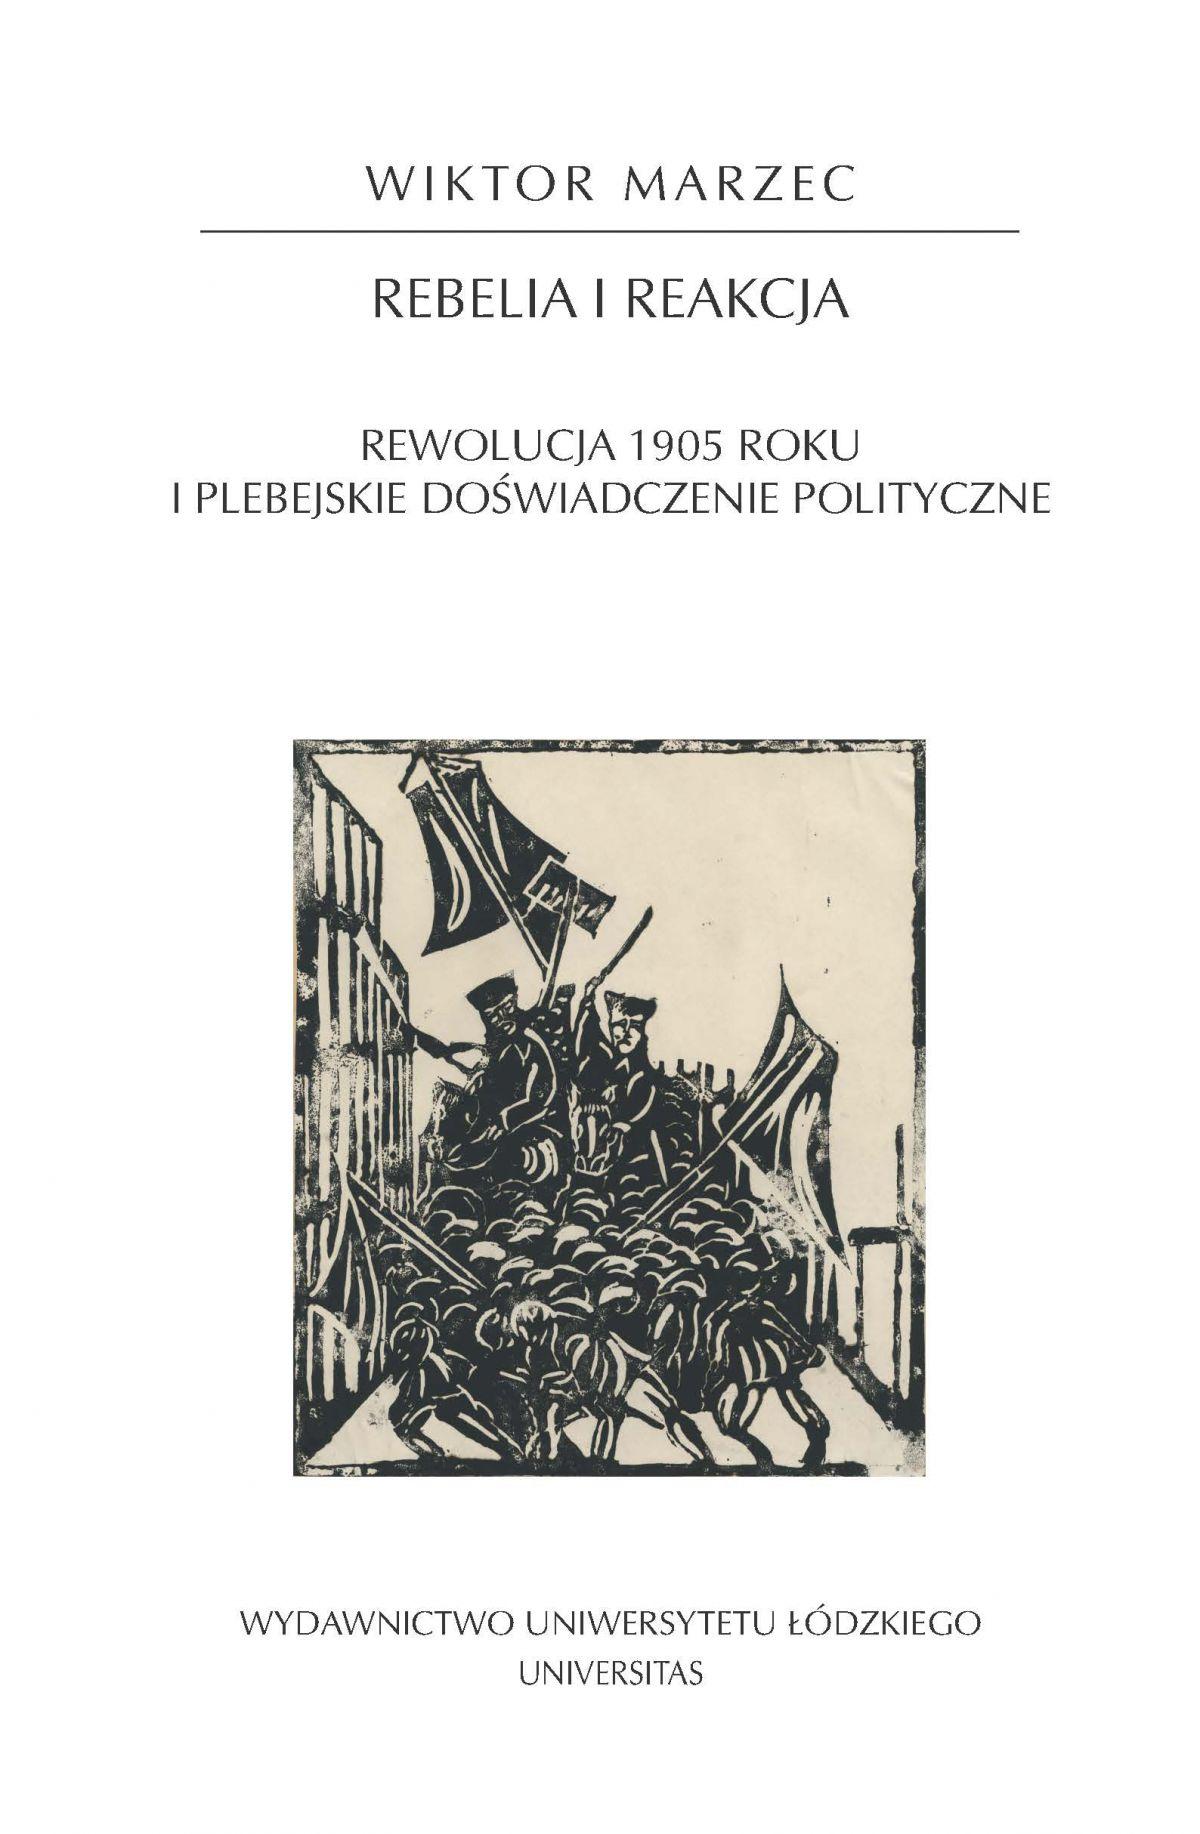 Rebelia i reakcja. Rewolucja 1905 roku i plebejskie doświadczenie polityczne - Ebook (Książka na Kindle) do pobrania w formacie MOBI